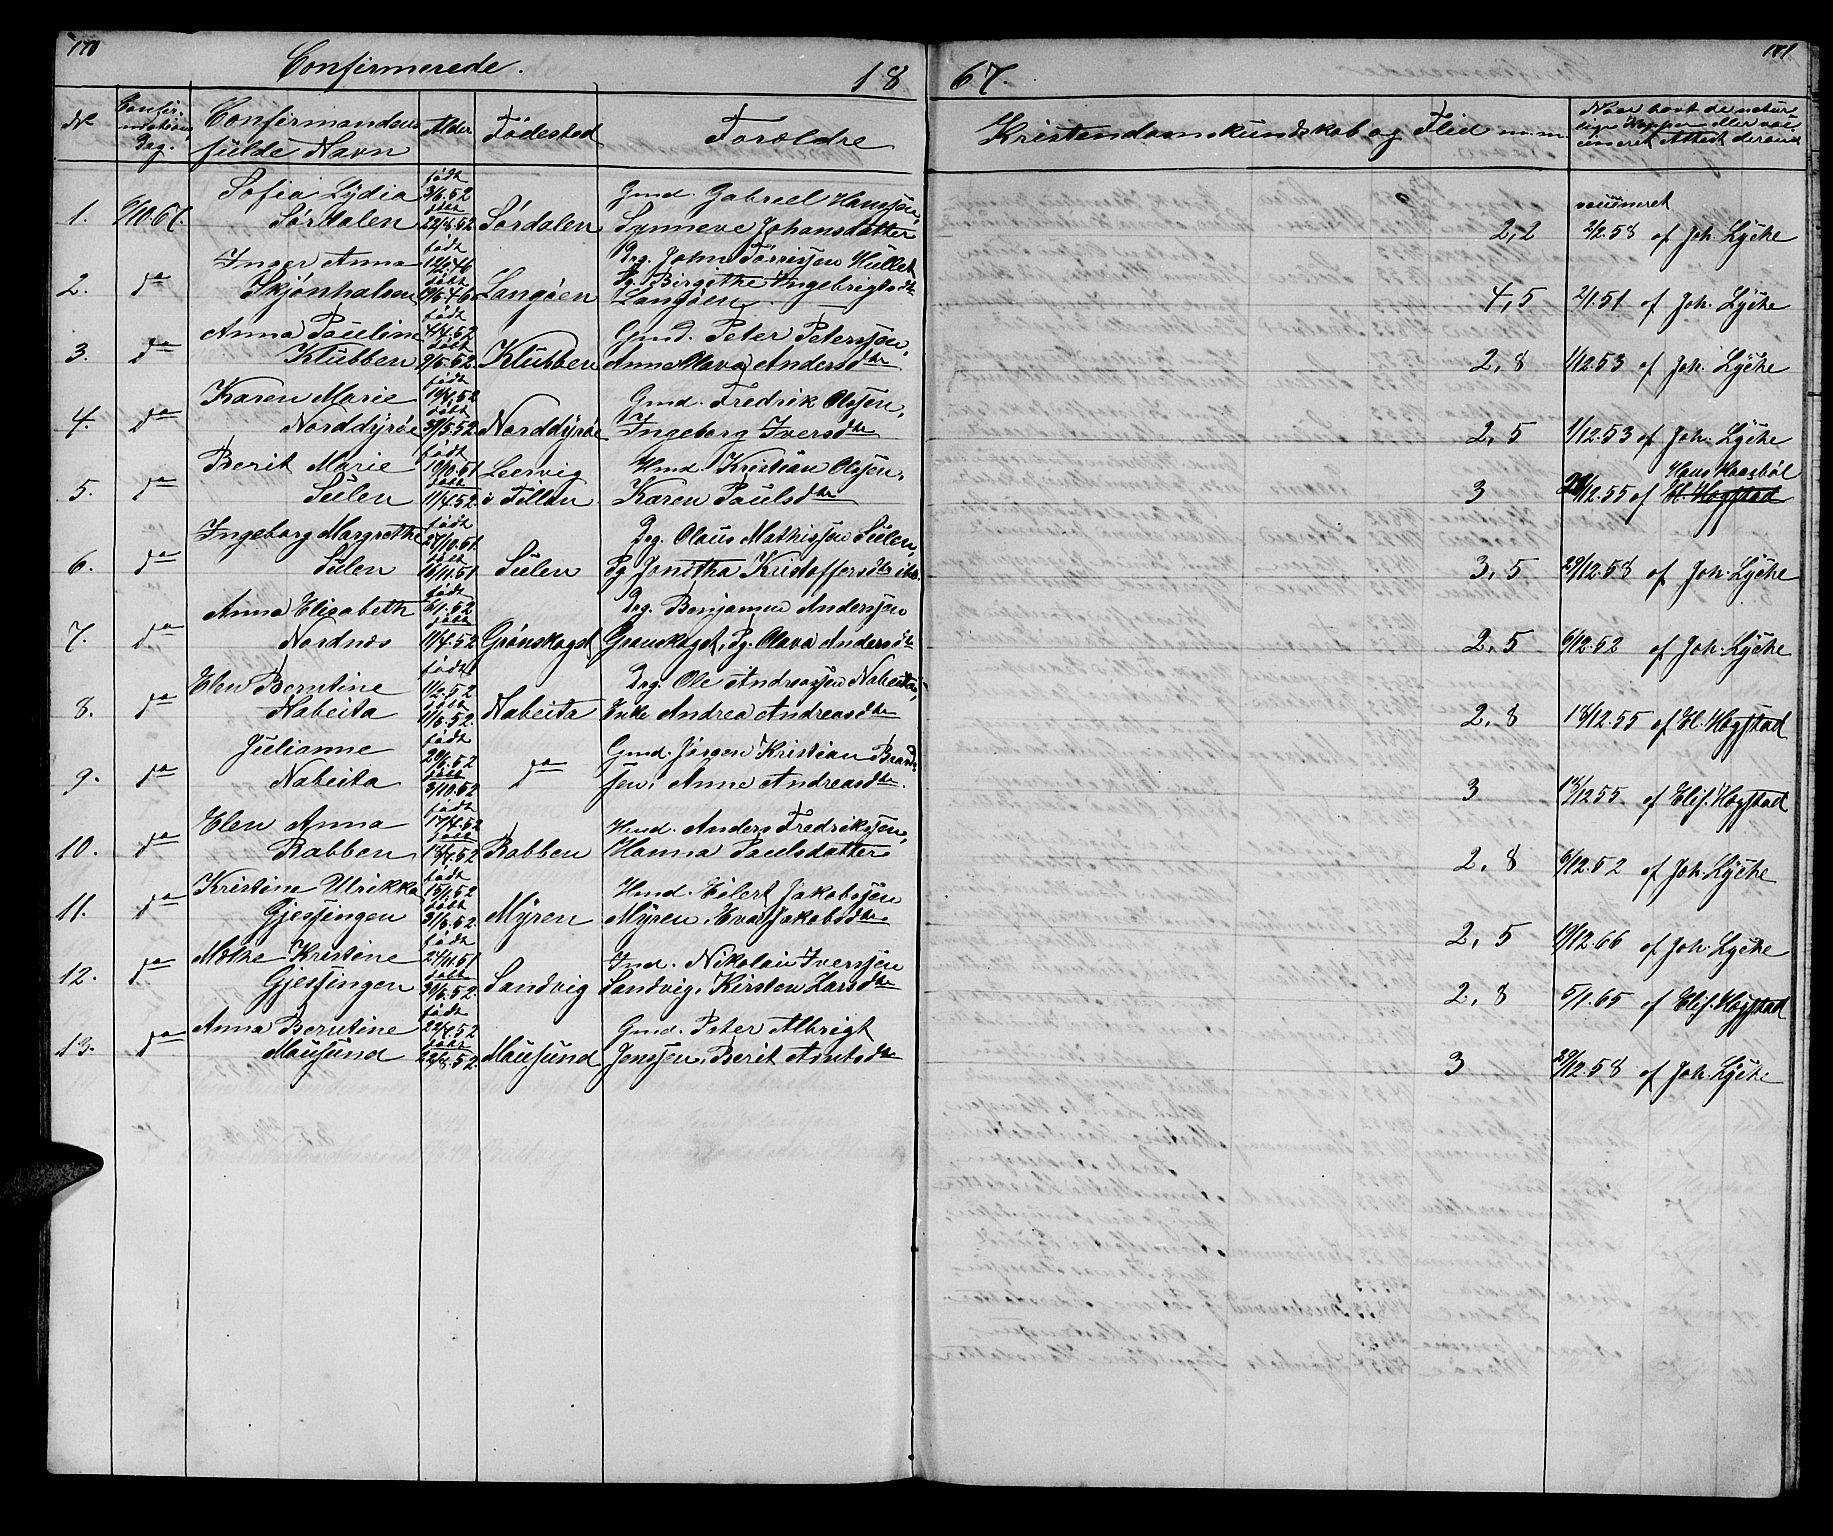 SAT, Ministerialprotokoller, klokkerbøker og fødselsregistre - Sør-Trøndelag, 640/L0583: Klokkerbok nr. 640C01, 1866-1877, s. 170-171